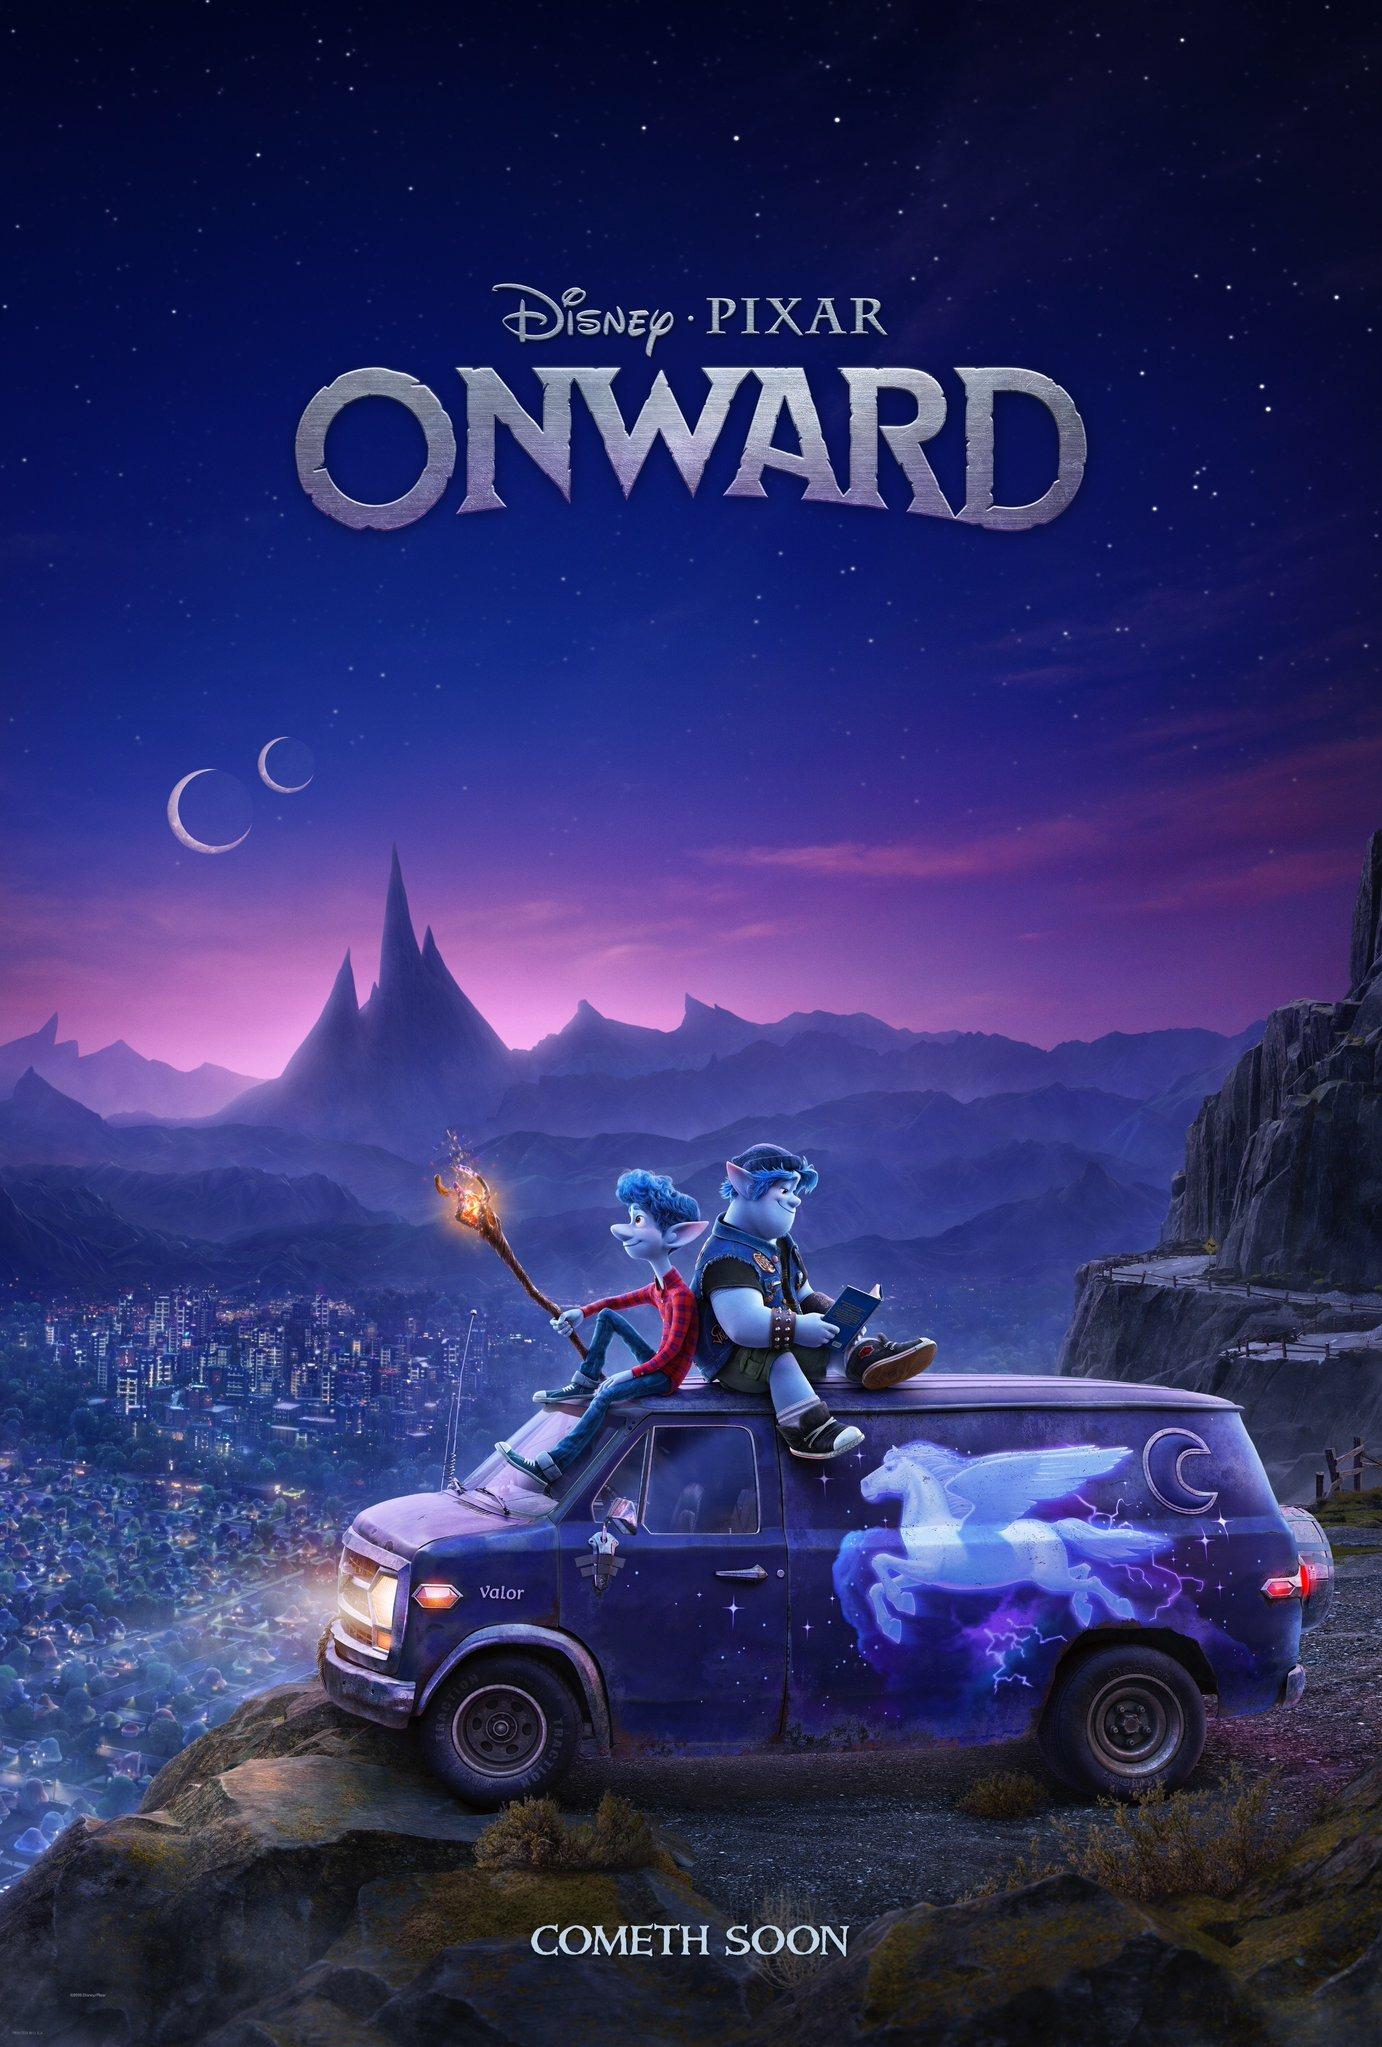 szmk_onward_pixar_disney_2.jpg